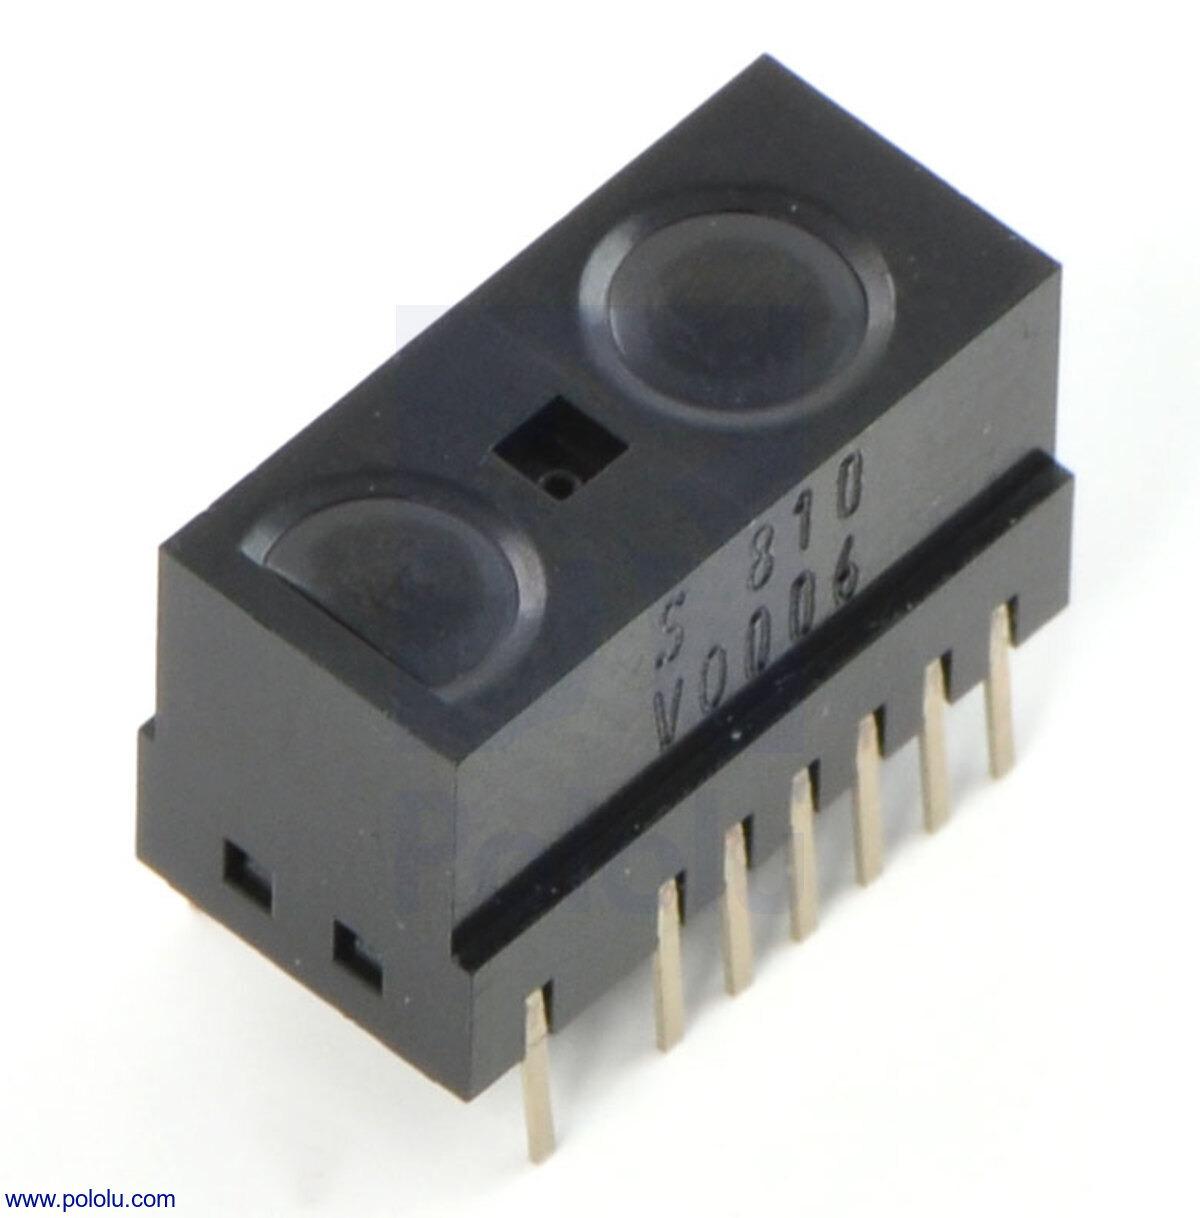 Pololu Sharp Gp2y0d810z0f Digital Distance Sensor 10cm Ac Power Switch With Relay Infrared Proximity